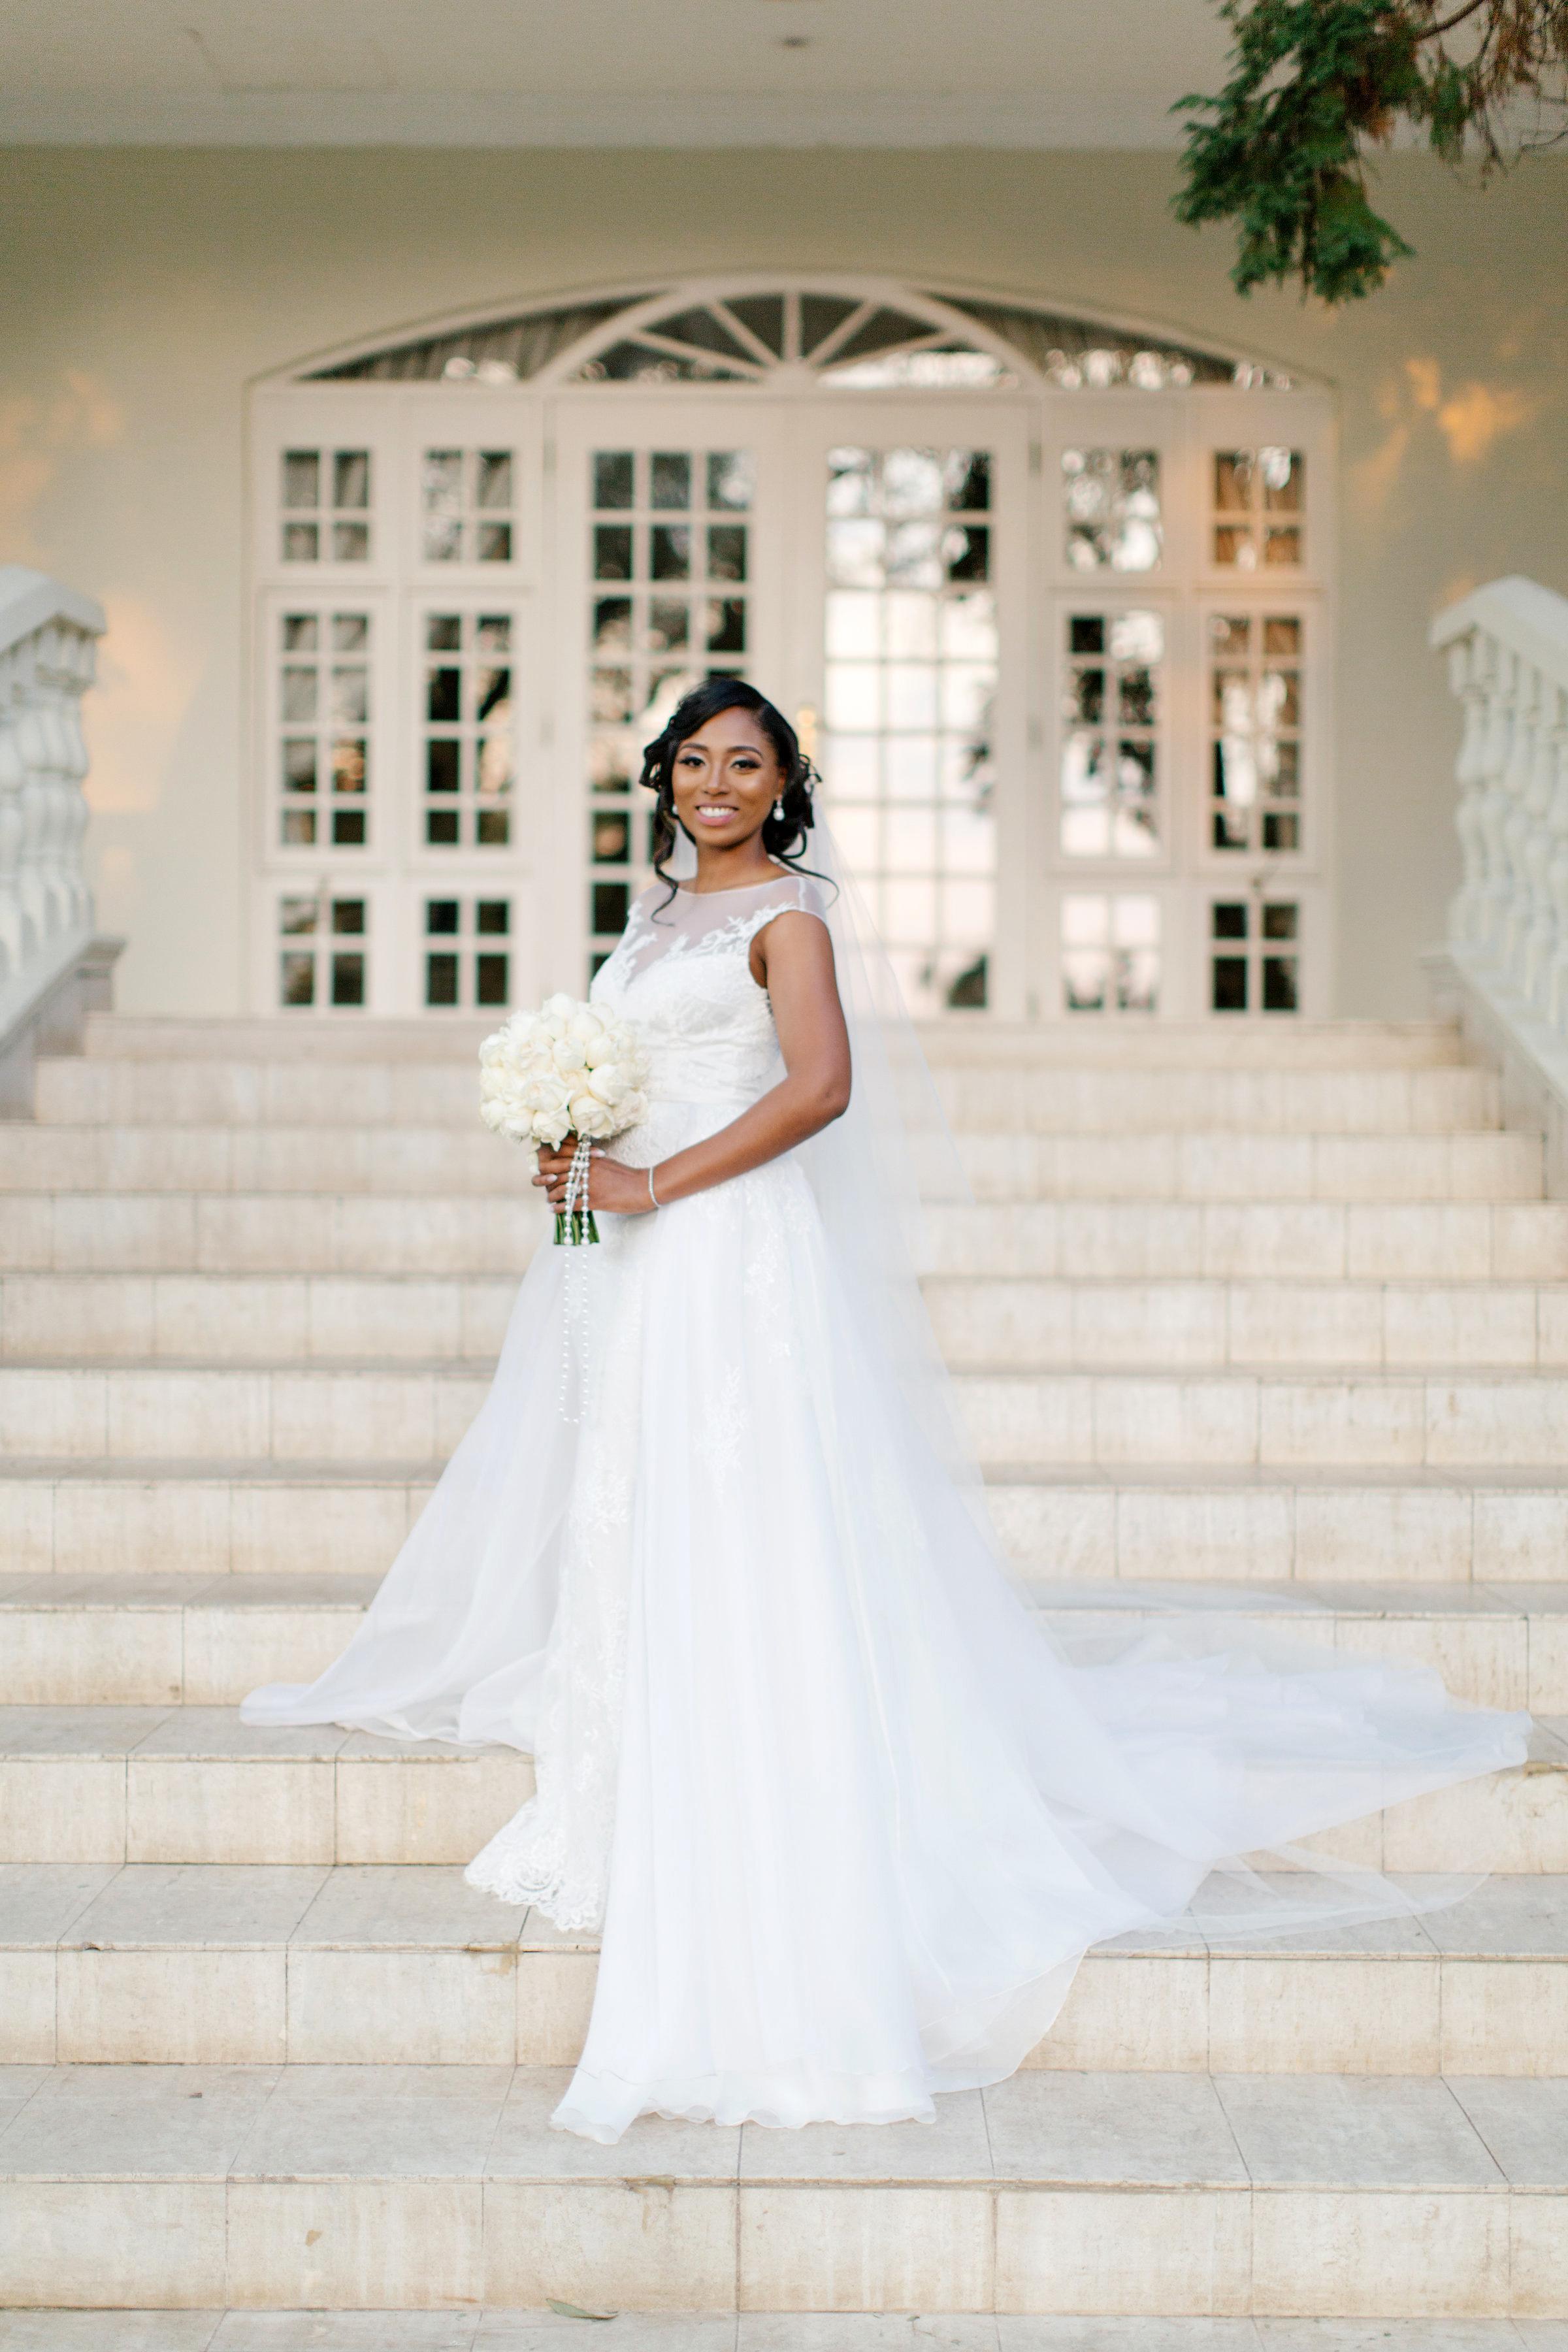 chloe shayo south africa wedding bride dress steps